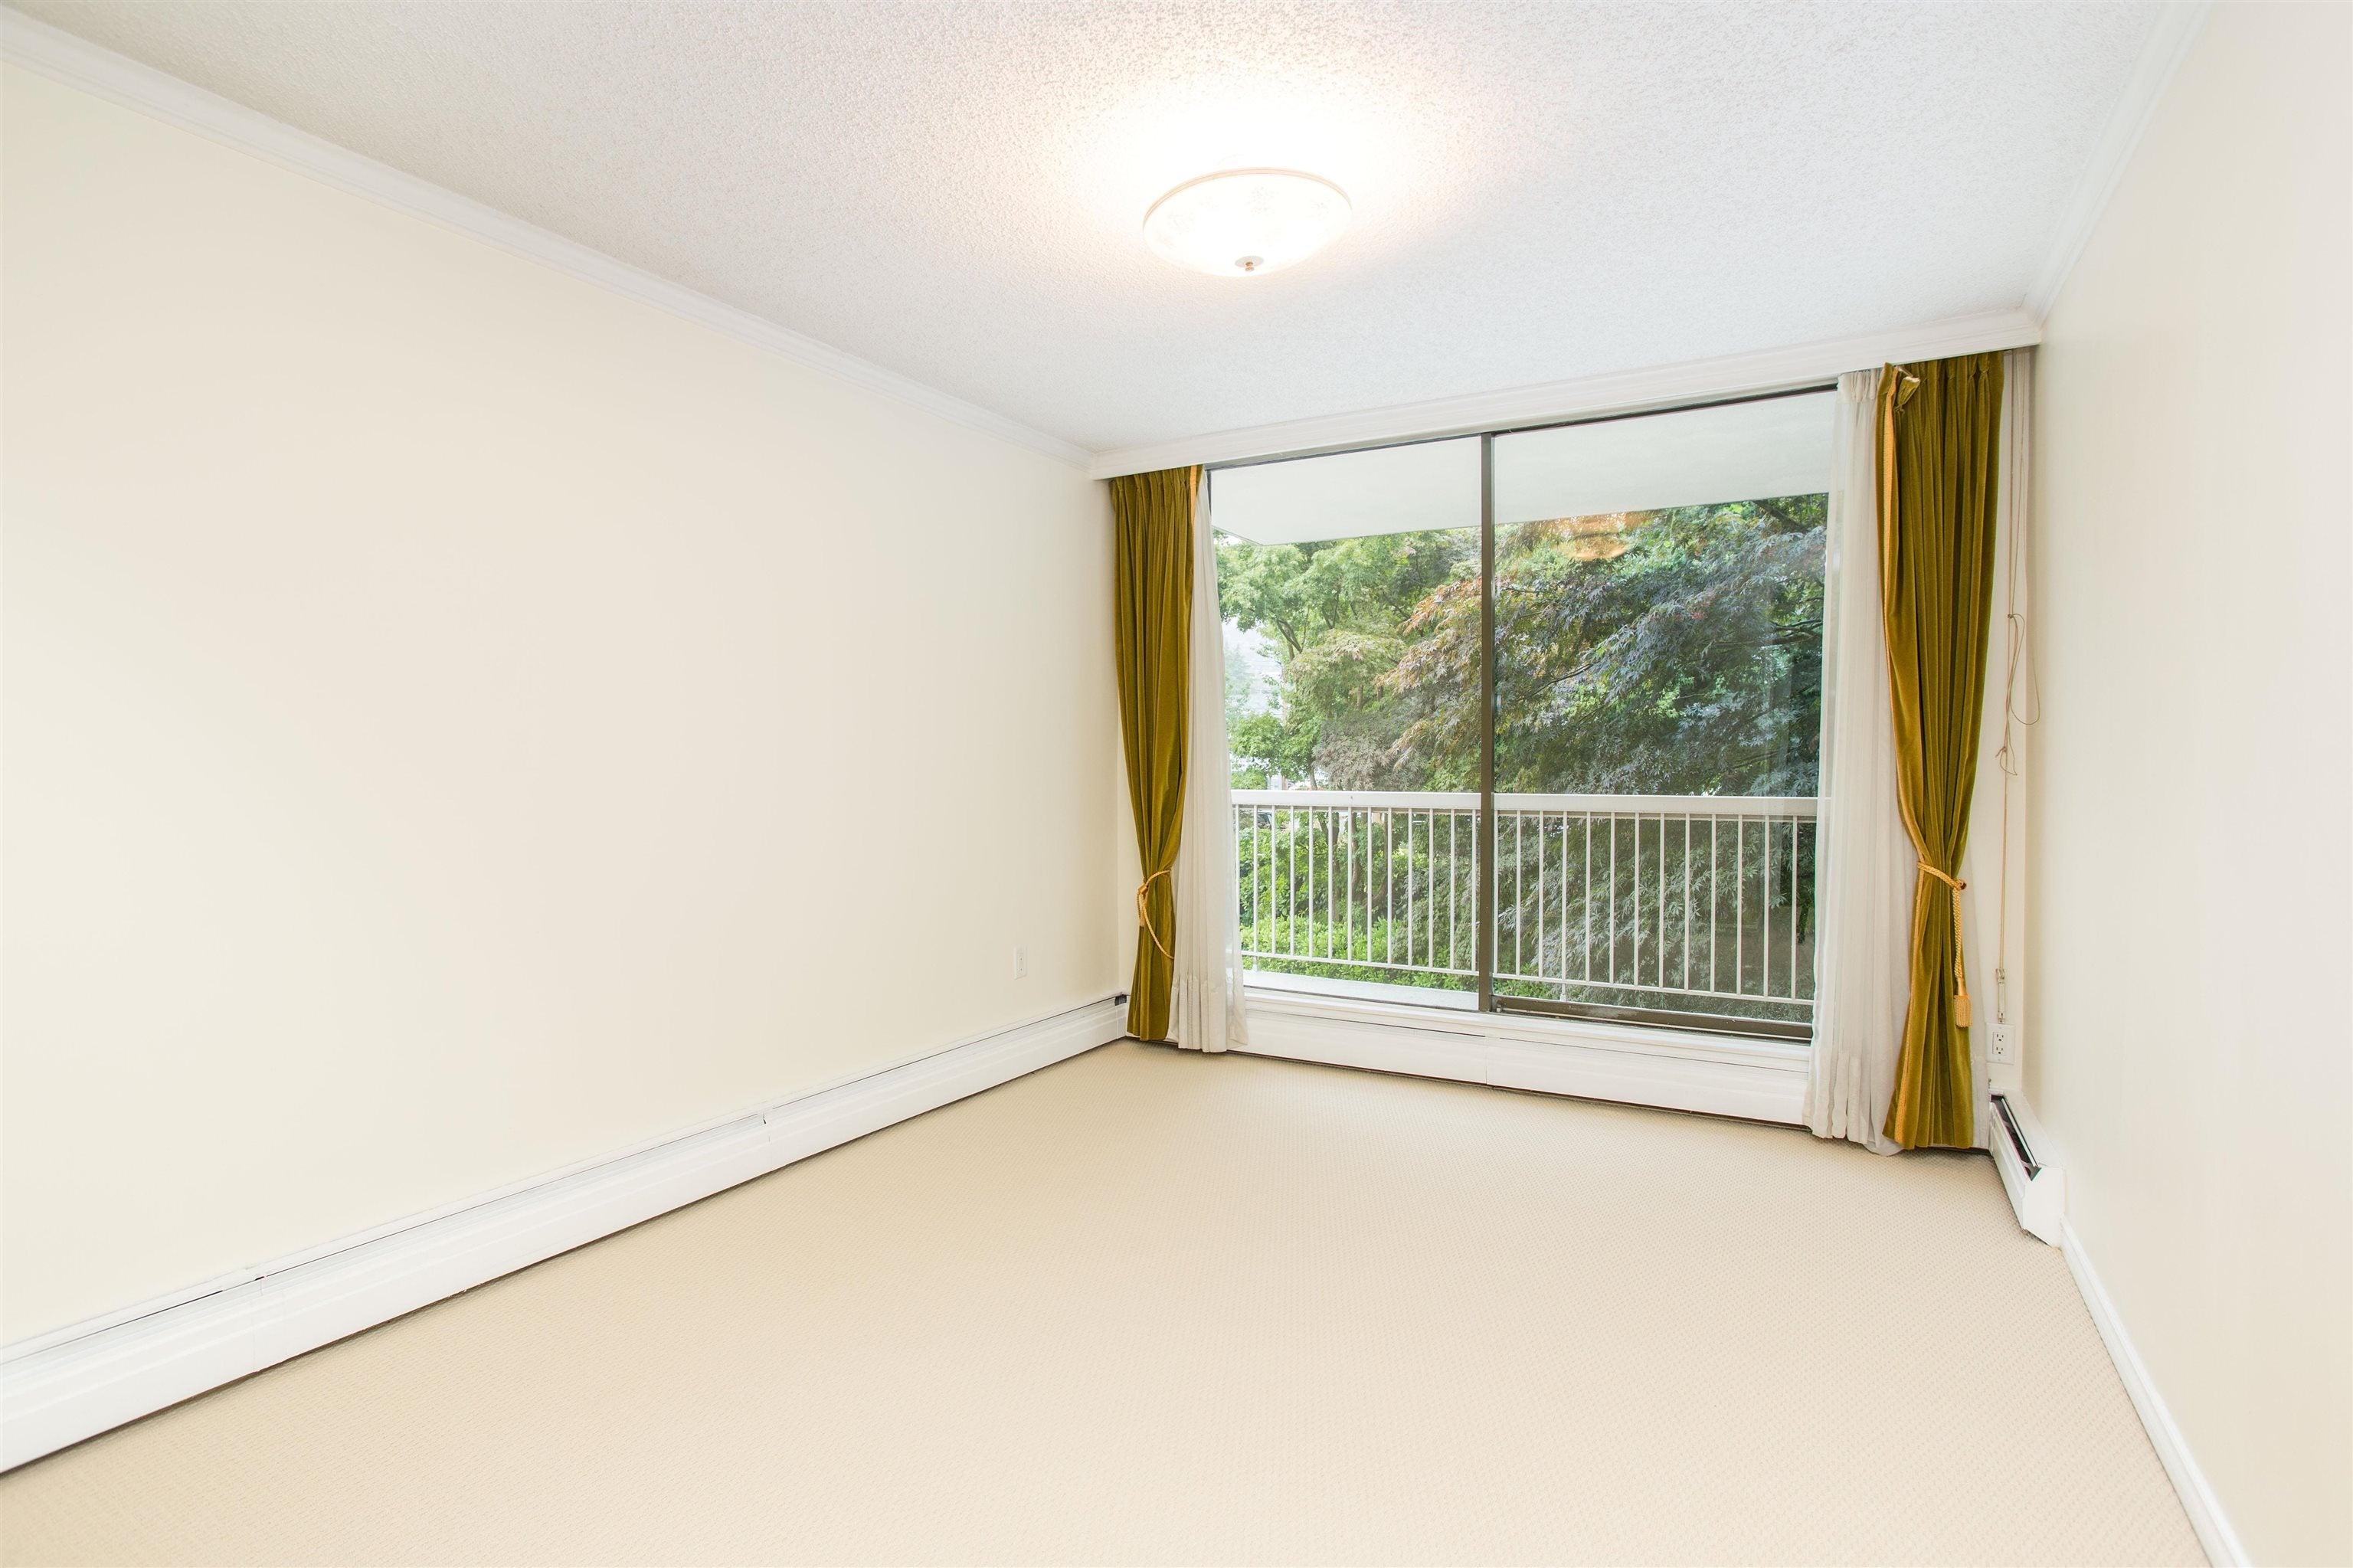 203 1390 DUCHESS AVENUE - Ambleside Apartment/Condo for sale, 1 Bedroom (R2611618) - #21